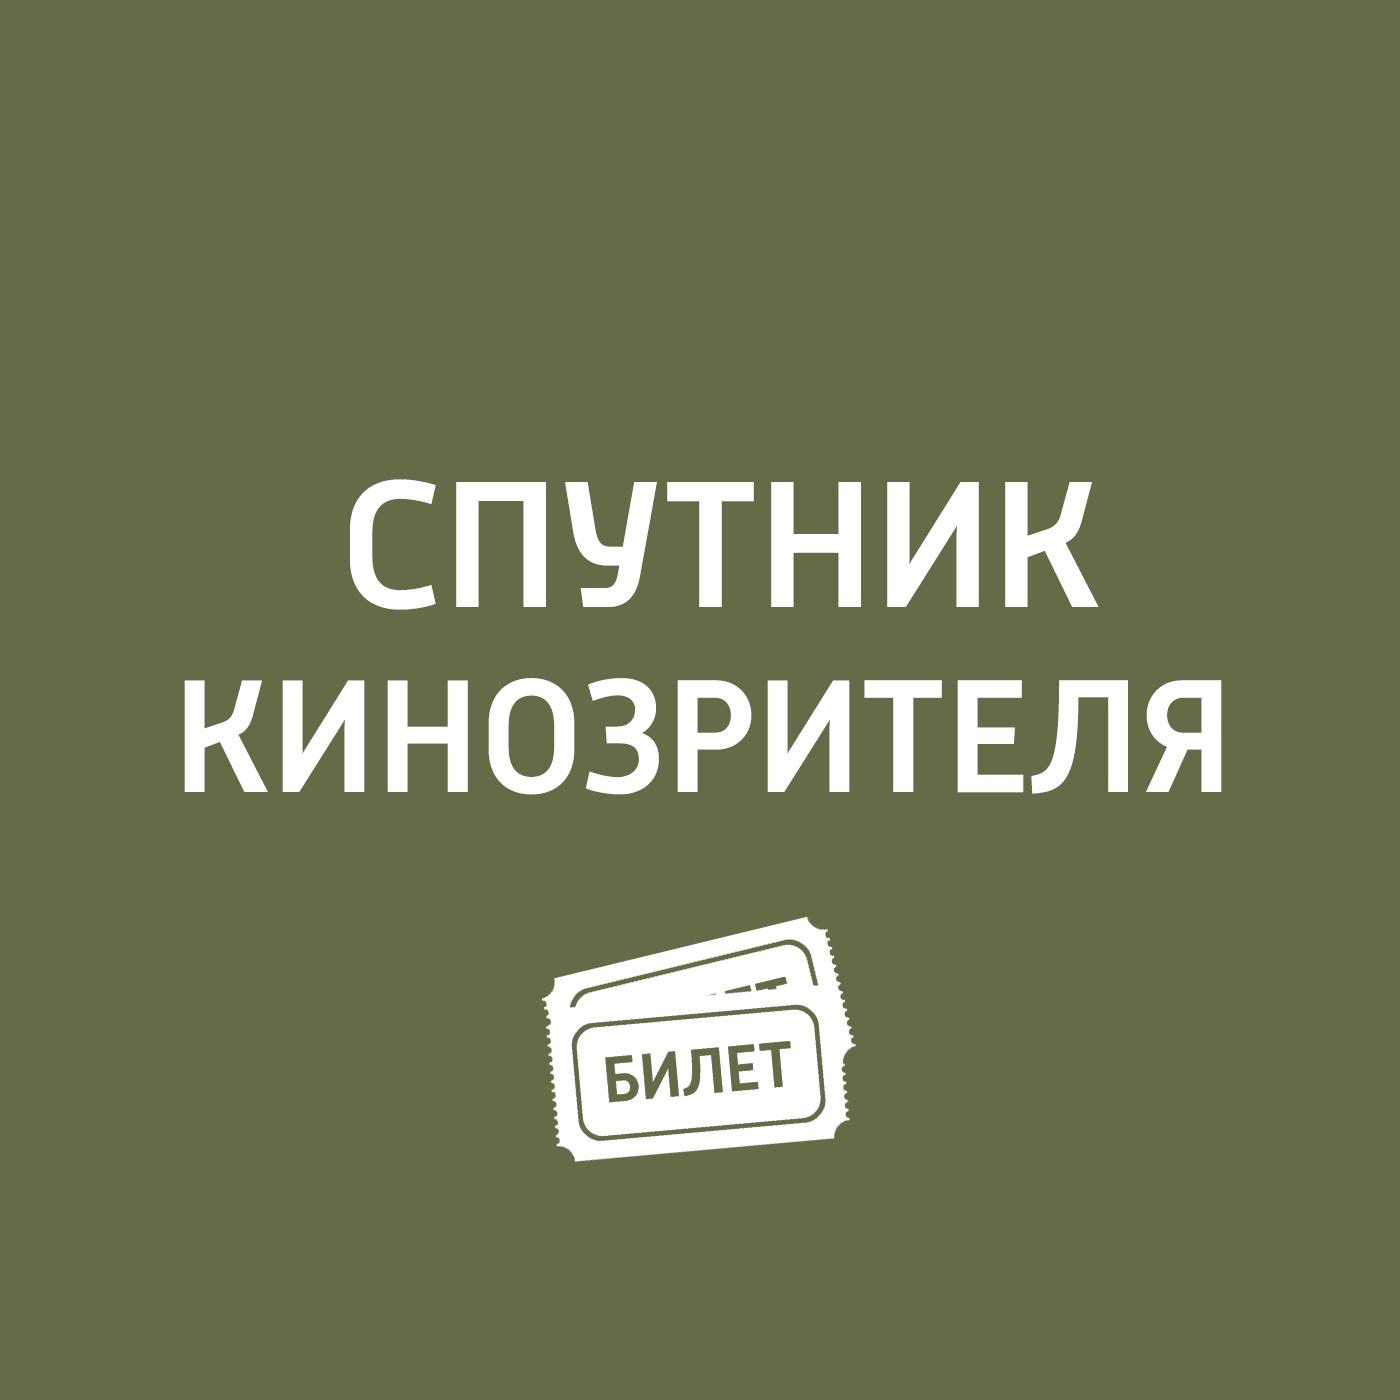 Антон Долин О российских фильмах Московского Международного кинофестиваля